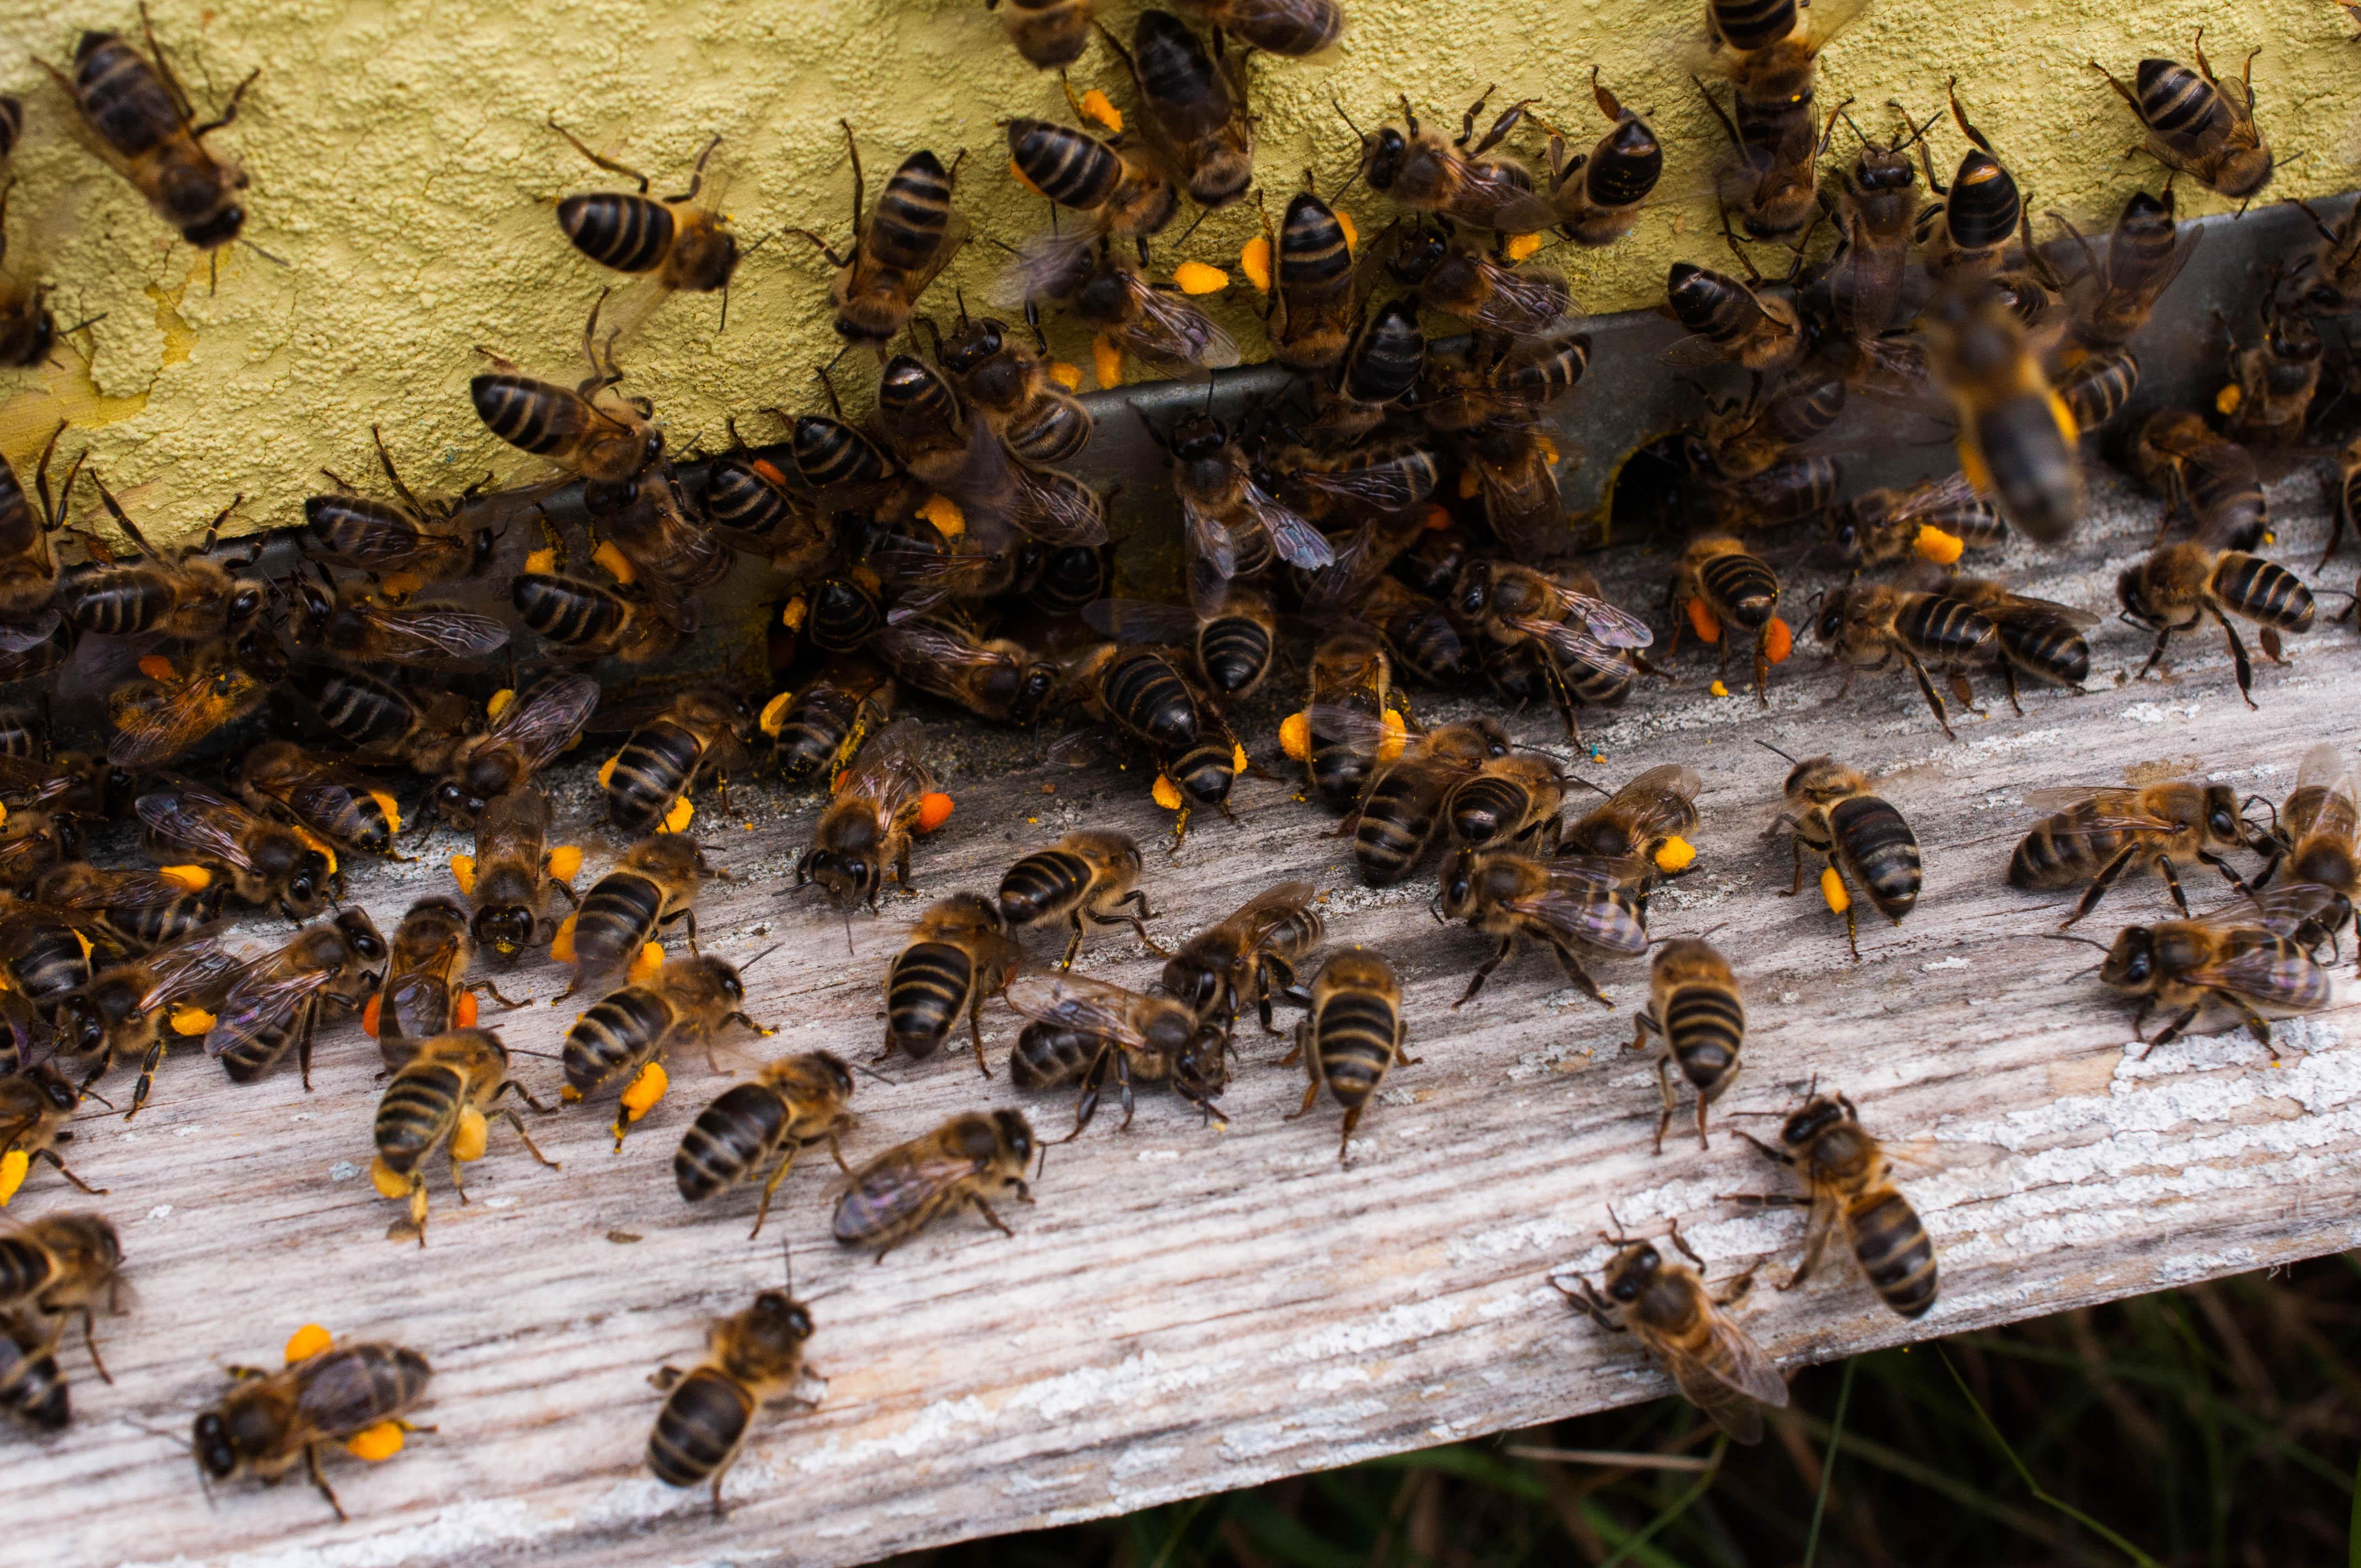 polen pollen Las Obreras de Aliste Artesanos de la miel Zamora Spain